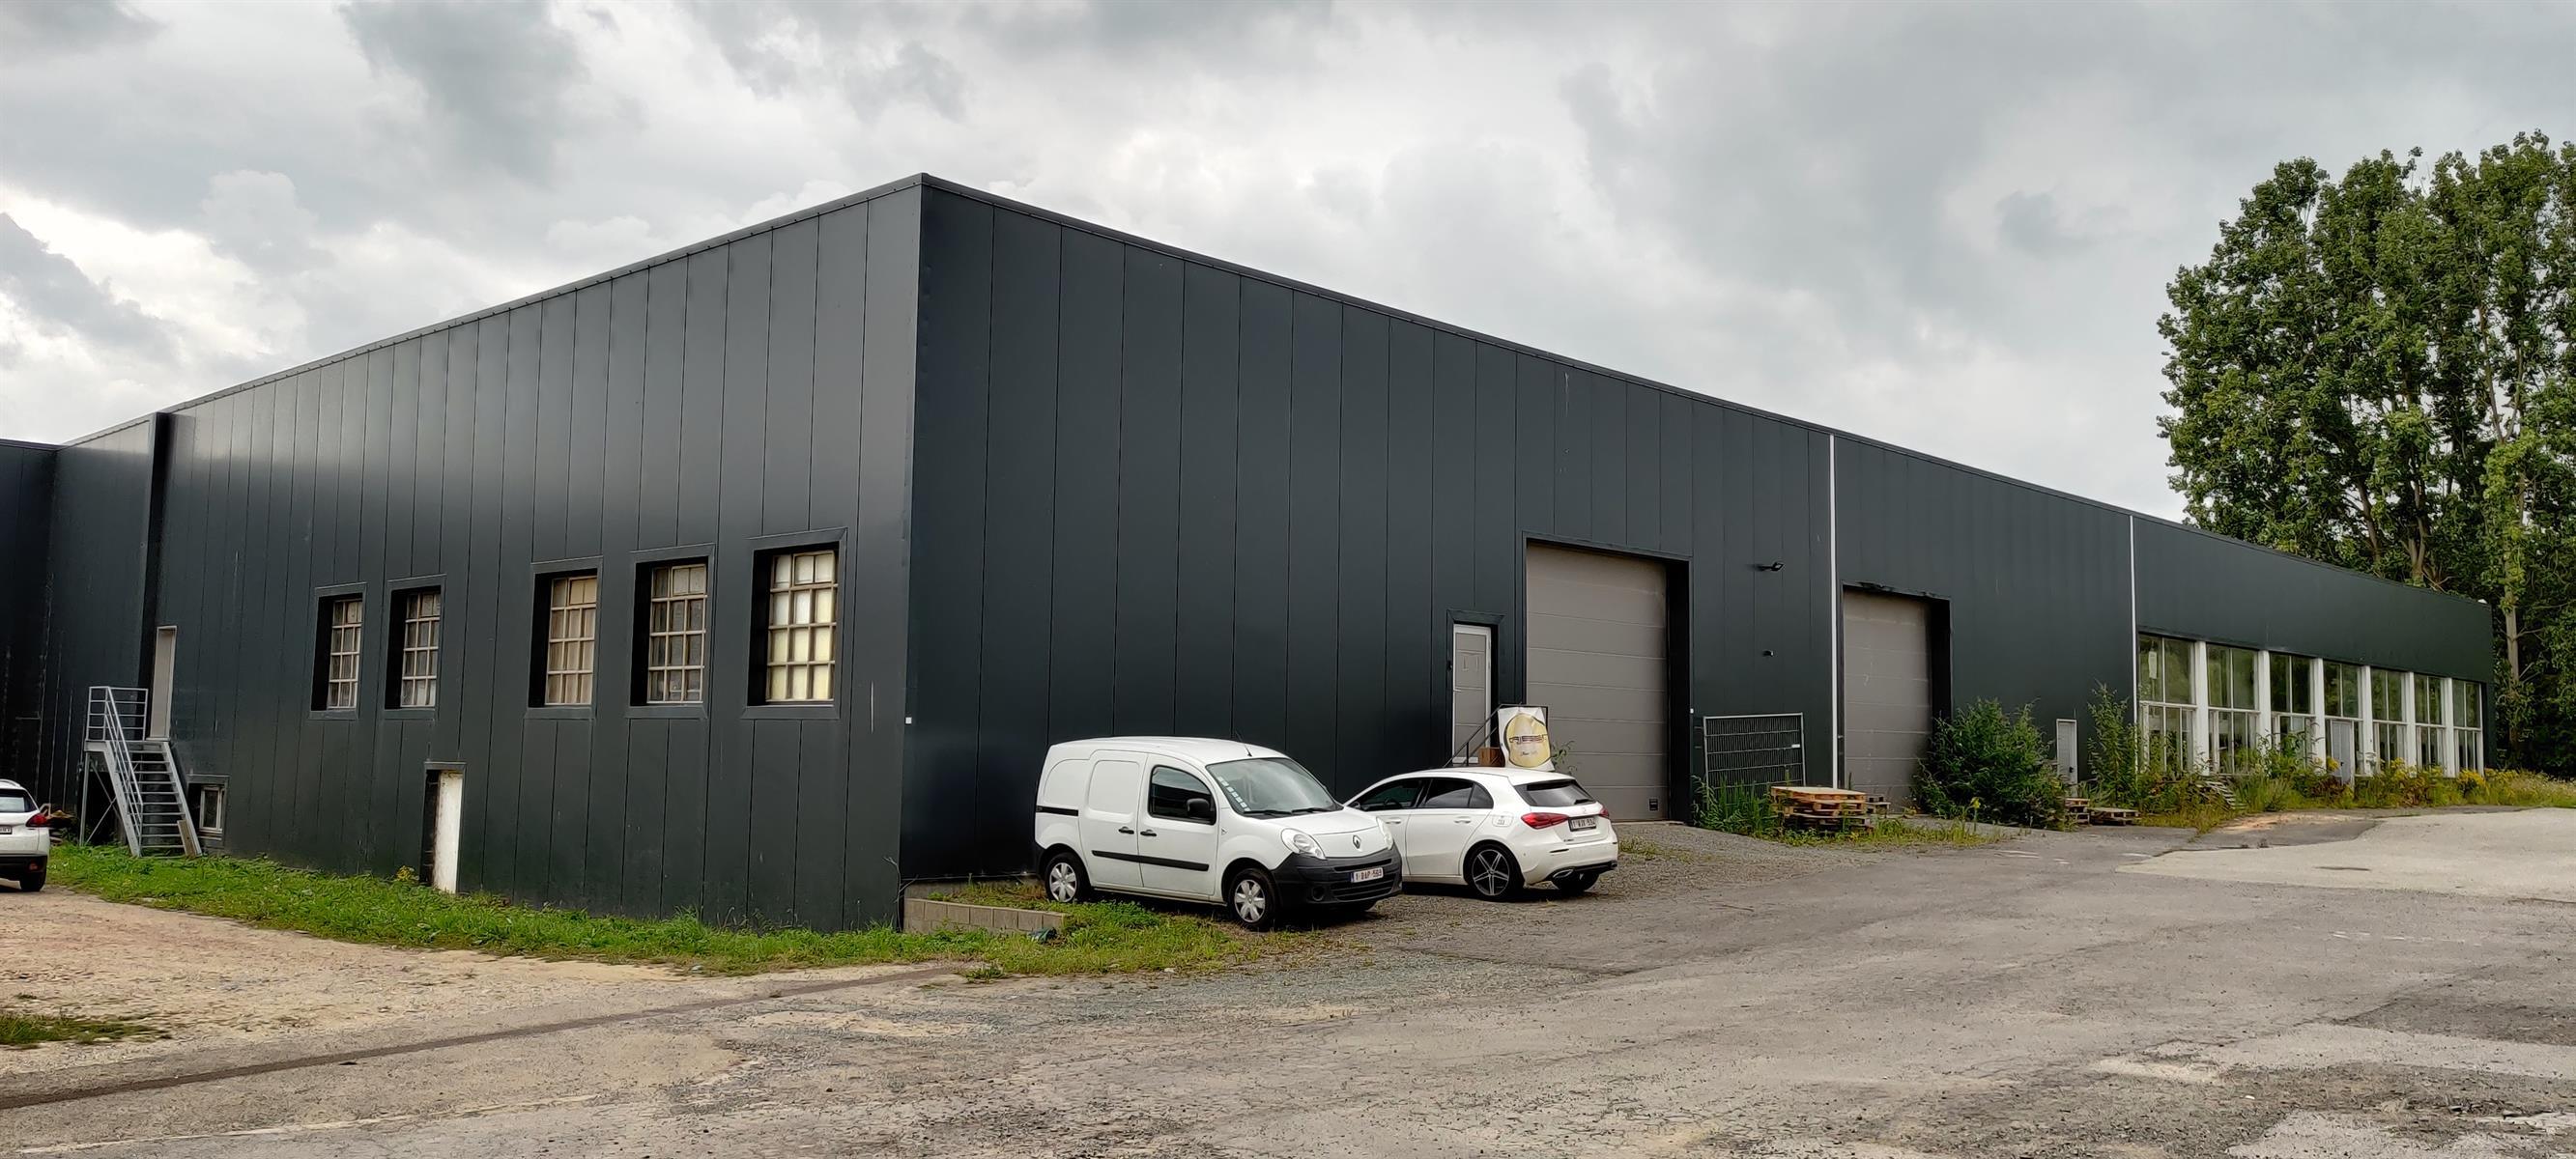 gebouw voor gemengd gebruik te huur I158 - Lumbeekstraat 38, 1700 Dilbeek Sint-Ulriks-Kapelle, België 5